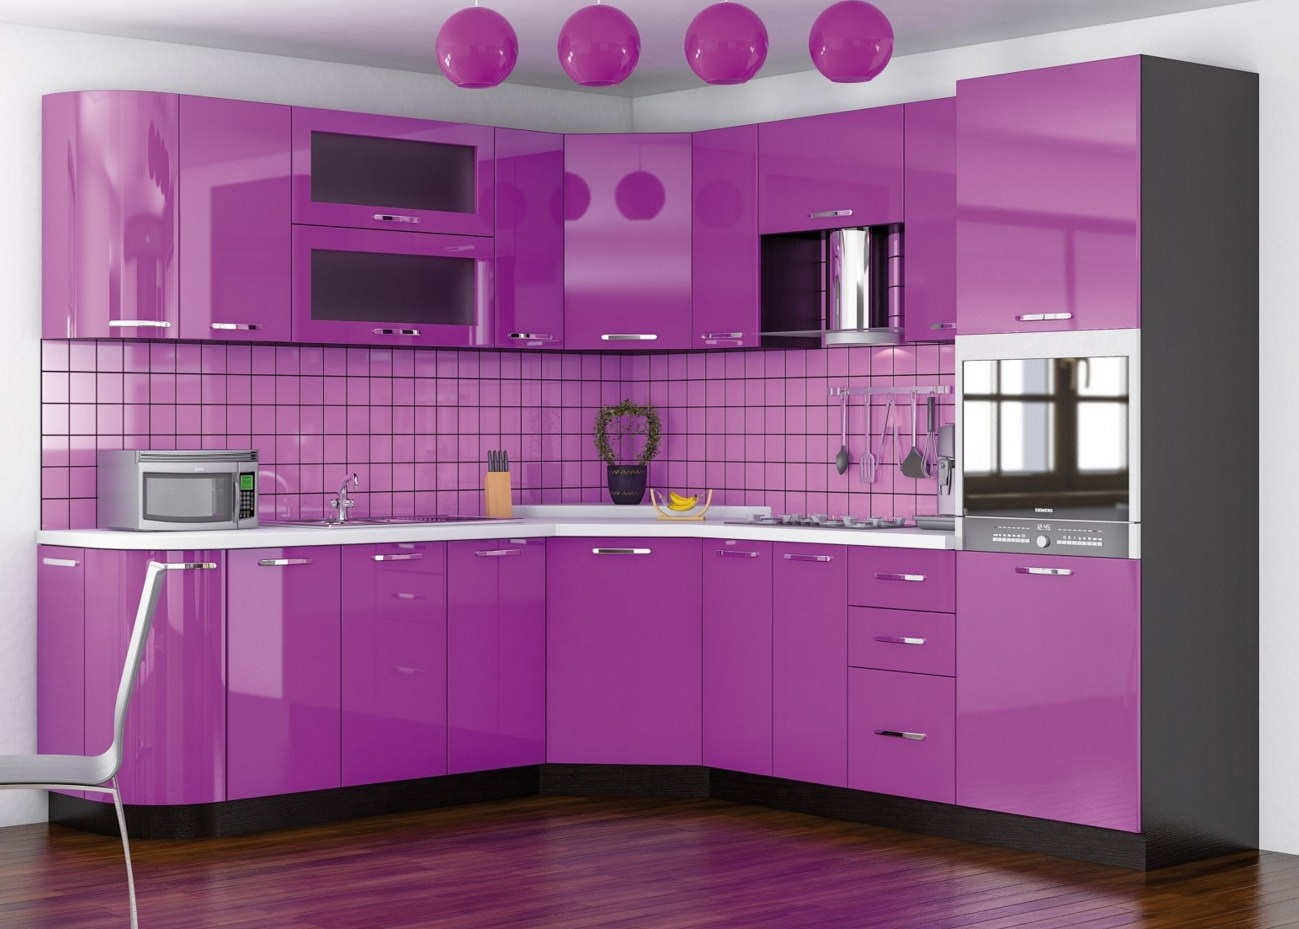 полностью пурпурный дизайн кухни